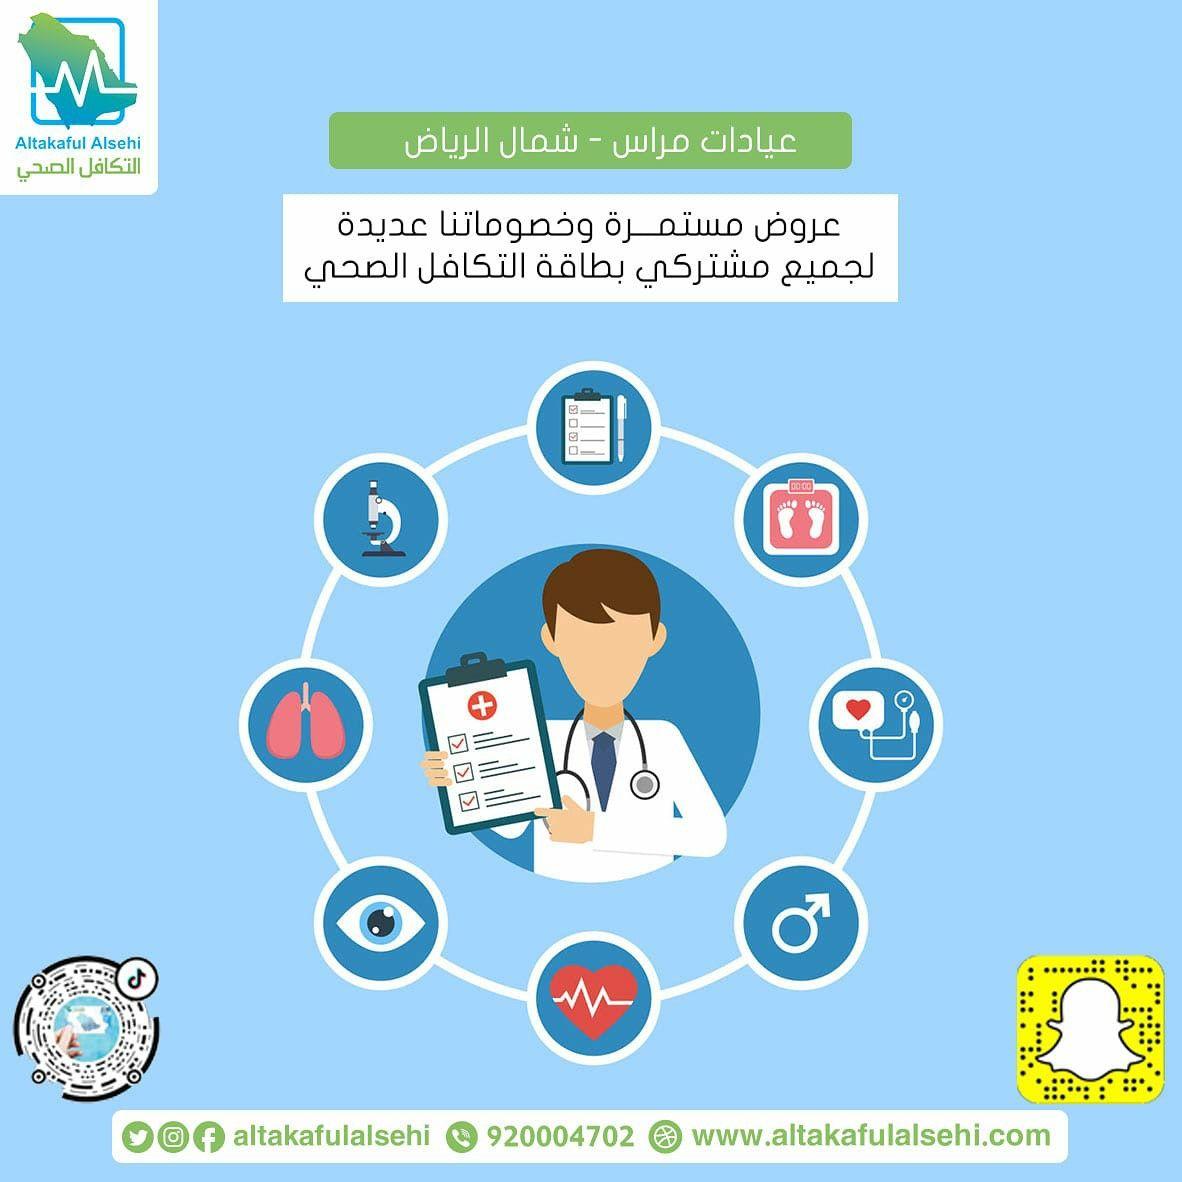 خدماتنا عديدة وبخصومات مميزة تصل إلى 20 تحصلون عليها من عيادات مراس شمال الرياض على بطاقة التكافل الصحي Https Bit Ly 3lgqec Health Insurance Comics Health